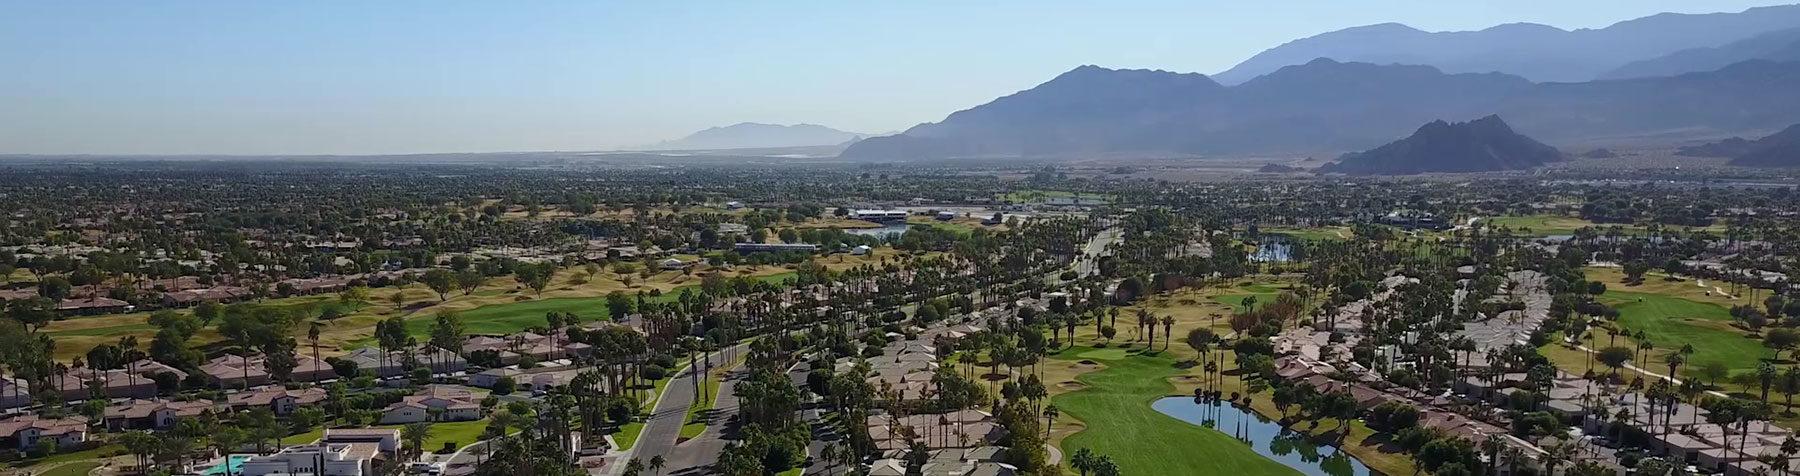 Air Conditioning & HVAC Services in Palm Desert, CA | Nexgen Air